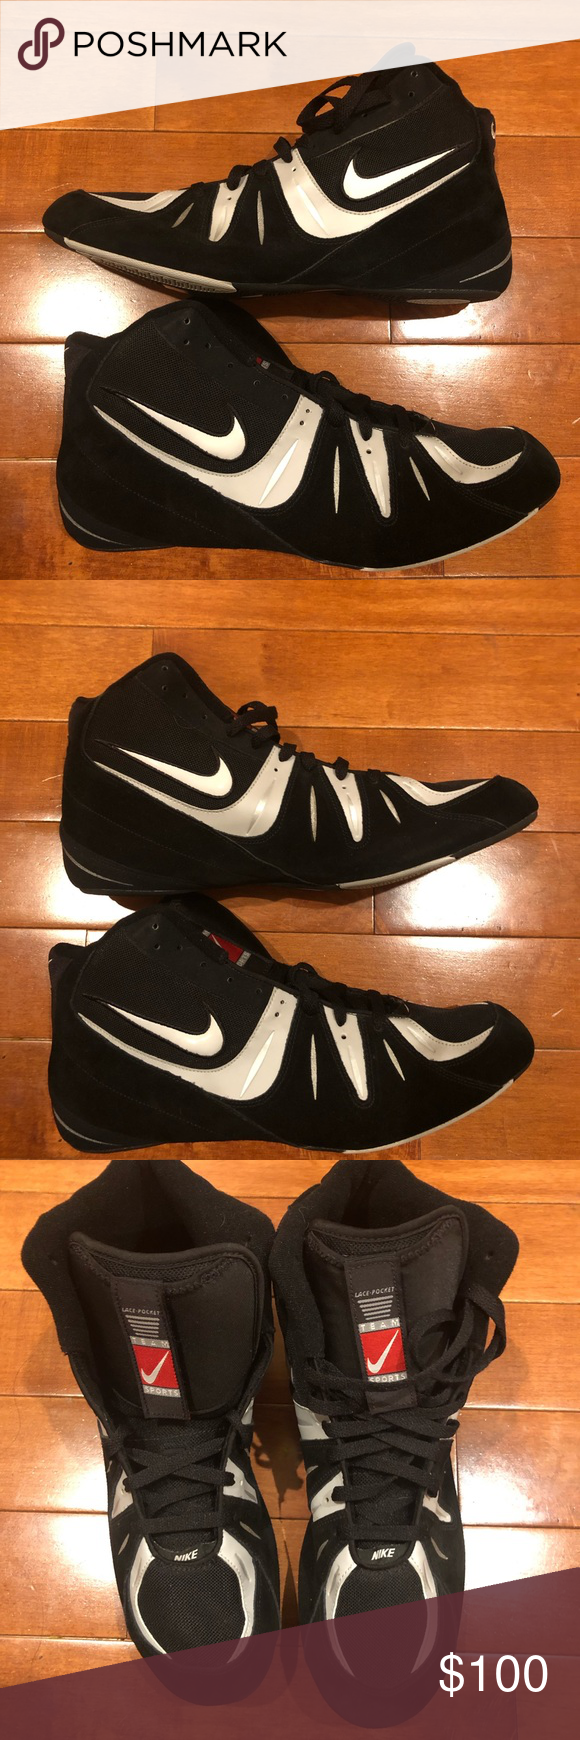 24a509a3e7ba 2007 Nike wrestling shoes Excellent condition vintage 2007 Nike wrestling  shoes size 15 Nike Shoes Sneakers